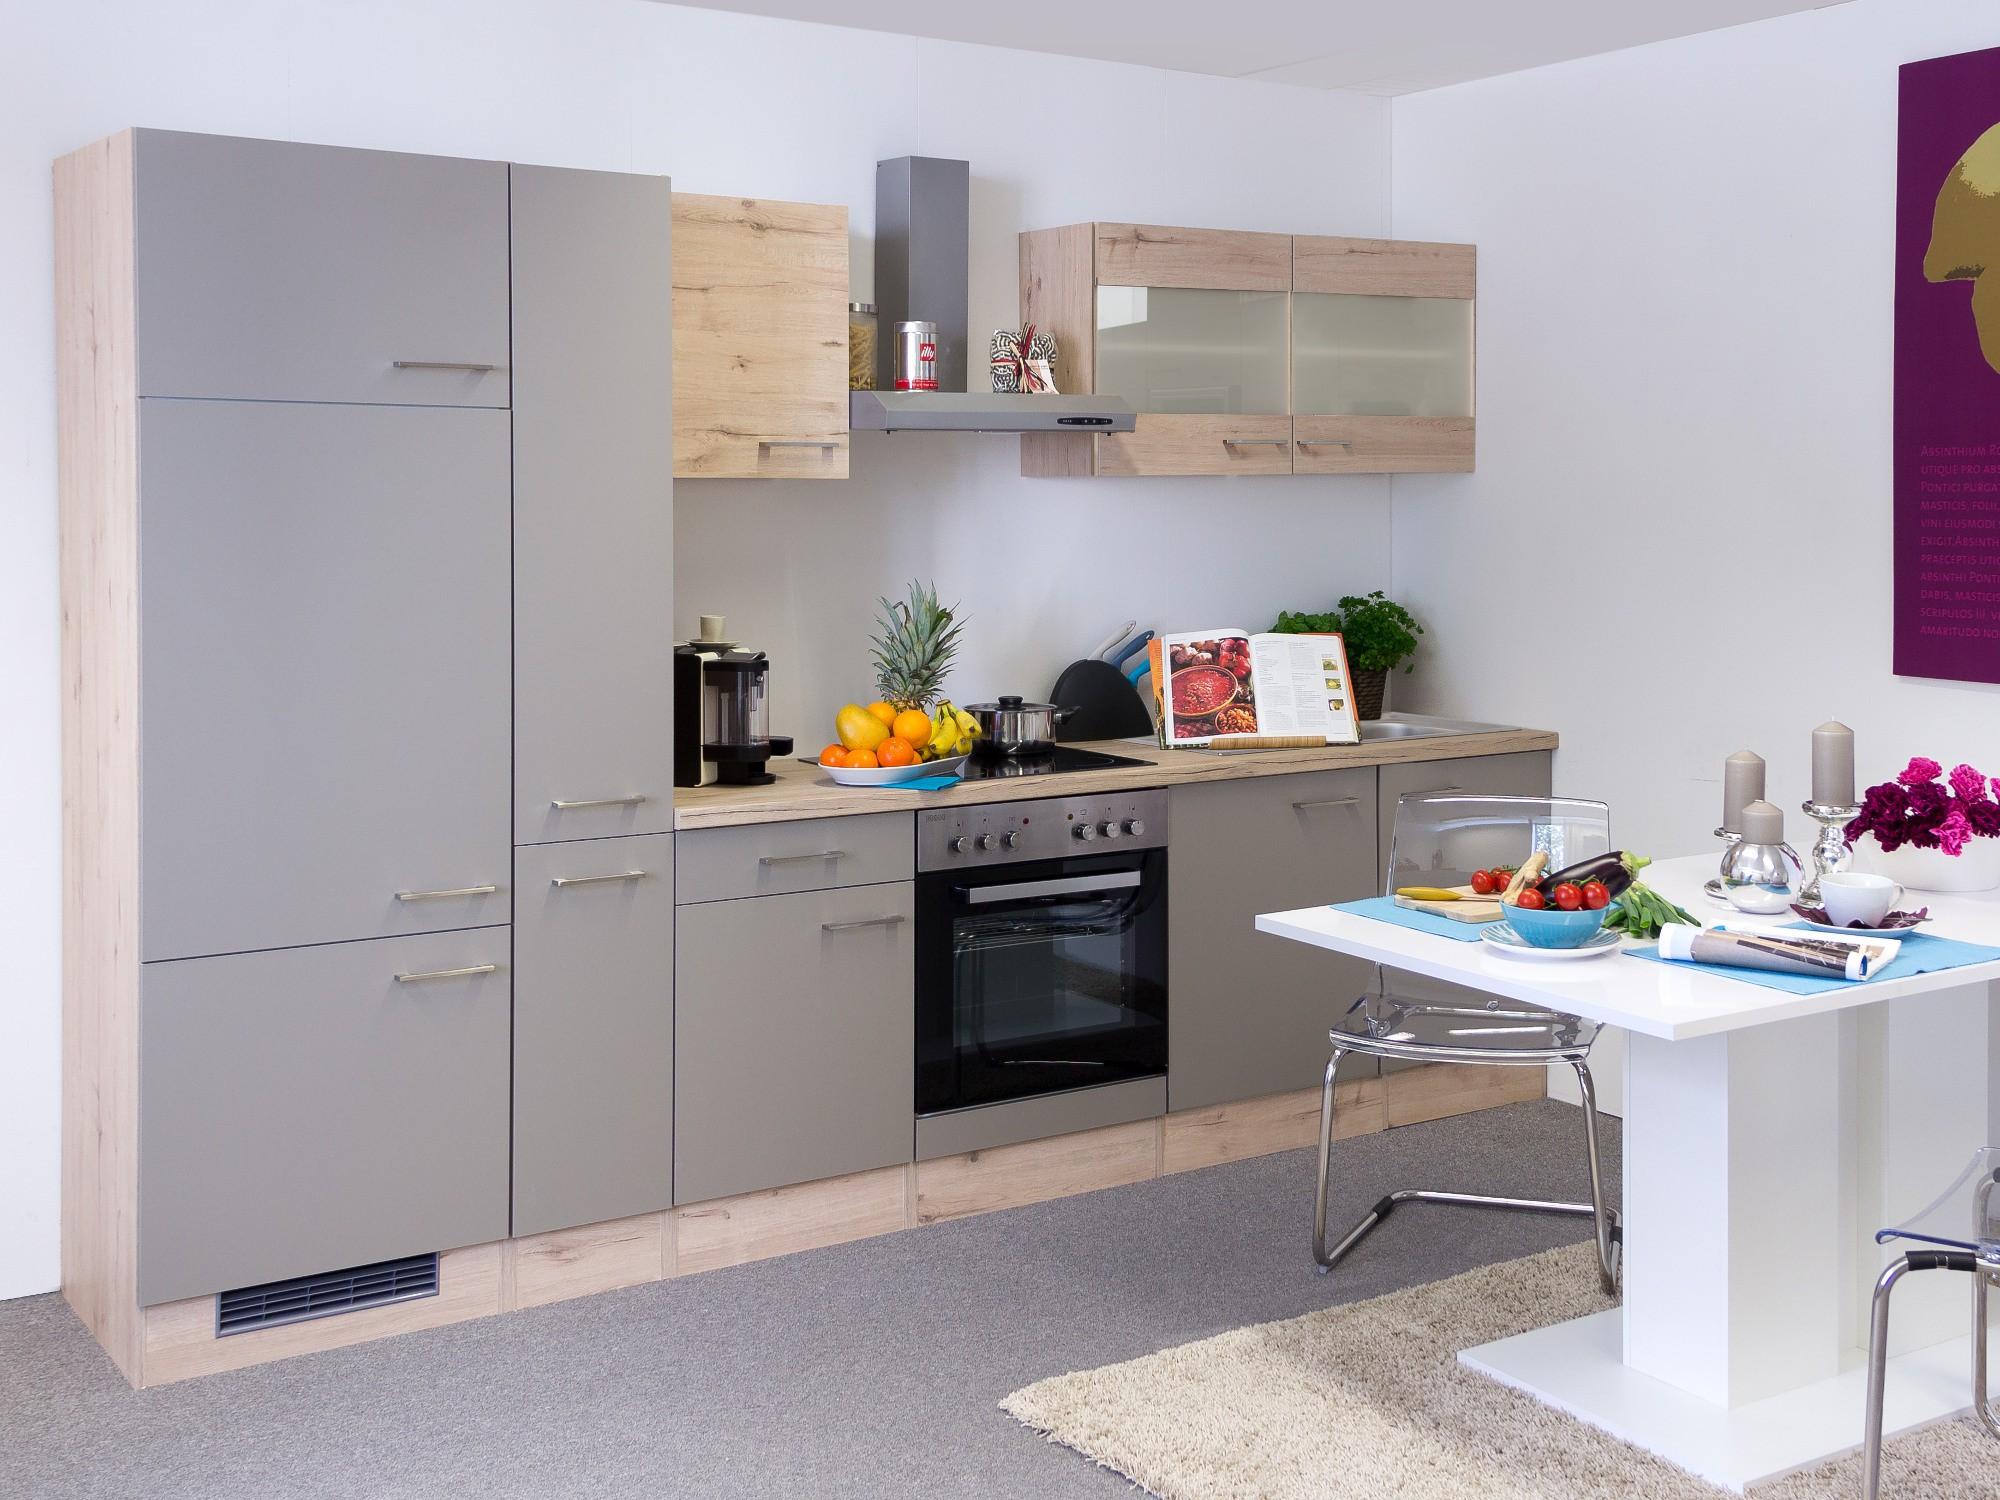 glas h ngeschrank riva oberschrank k chenschrank glas. Black Bedroom Furniture Sets. Home Design Ideas